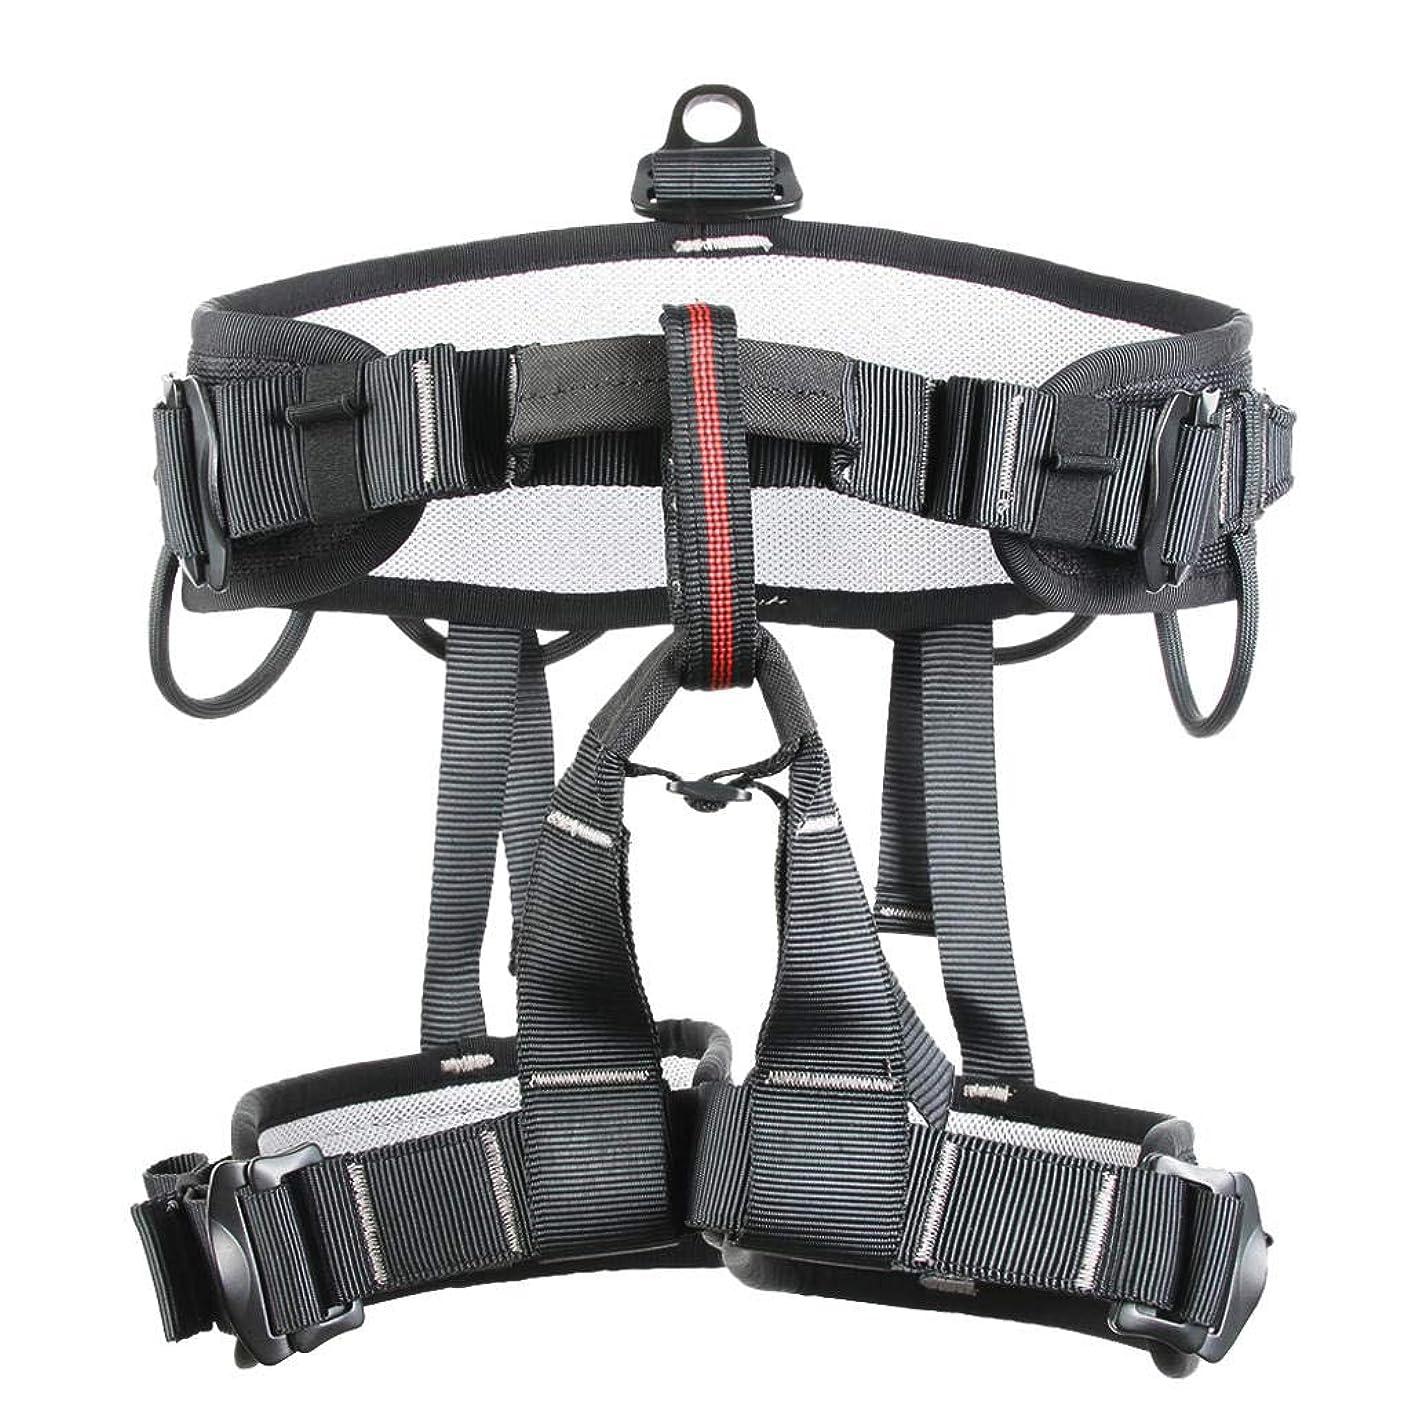 短くする機関車アルバニーROBAG 登山ハーネス アウトドア ハーフボディーケービング ラッピング拡張安全帯 空中作業安全帯 登山用具